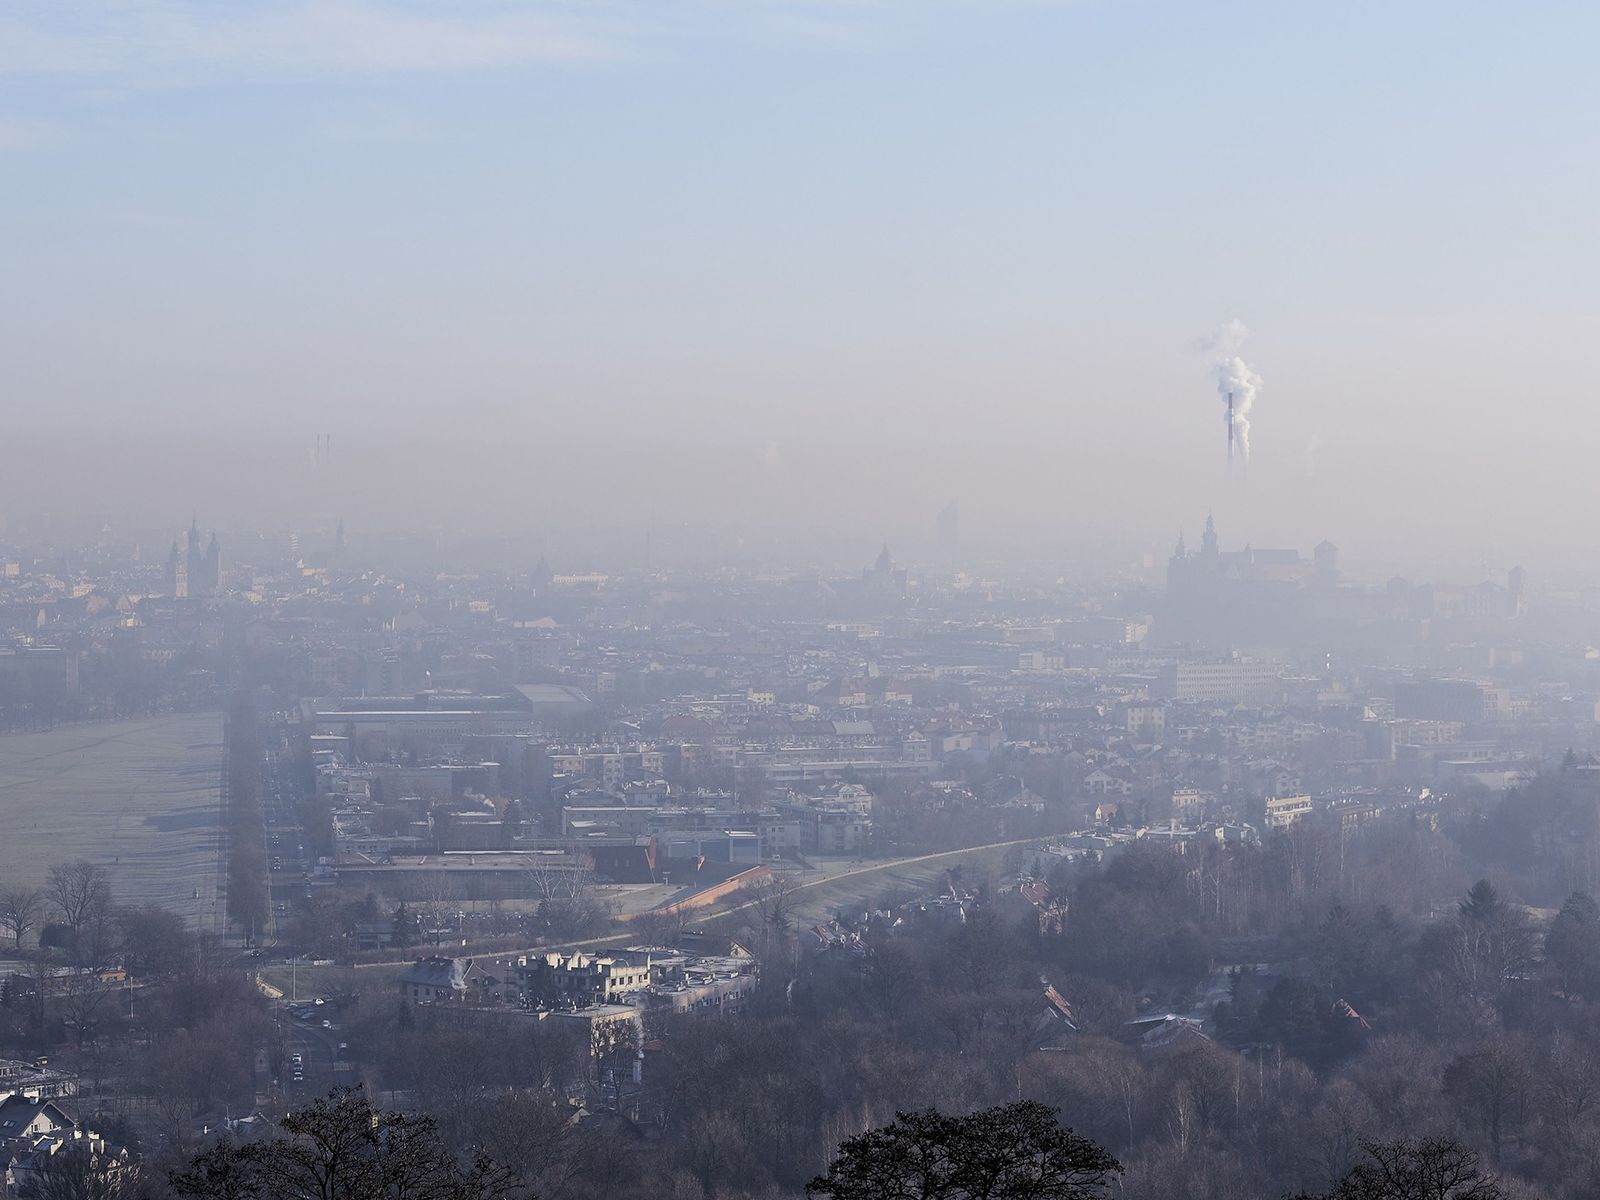 Las plantas de energía, la industria y otras actividades emisoras de carbono seguían emitiendo gases de ...